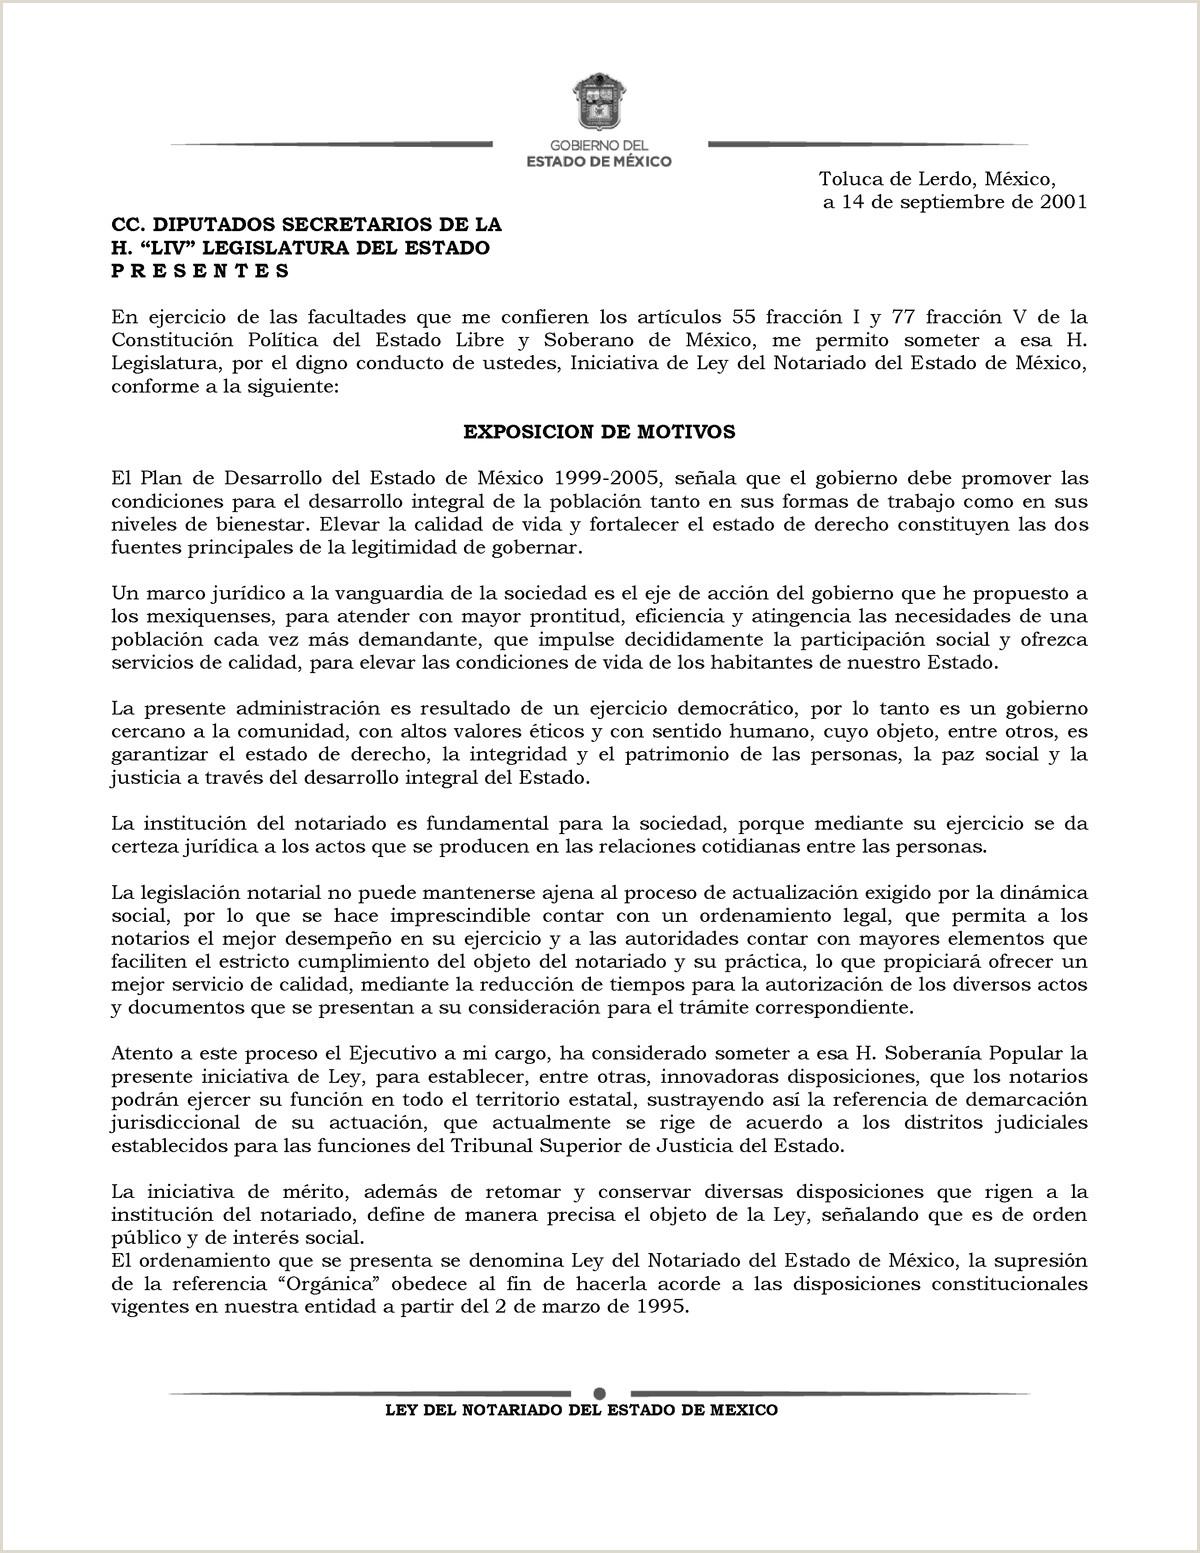 LEY DEL Notariado EDO MEX hmx6301 Derecho penal StuDocu